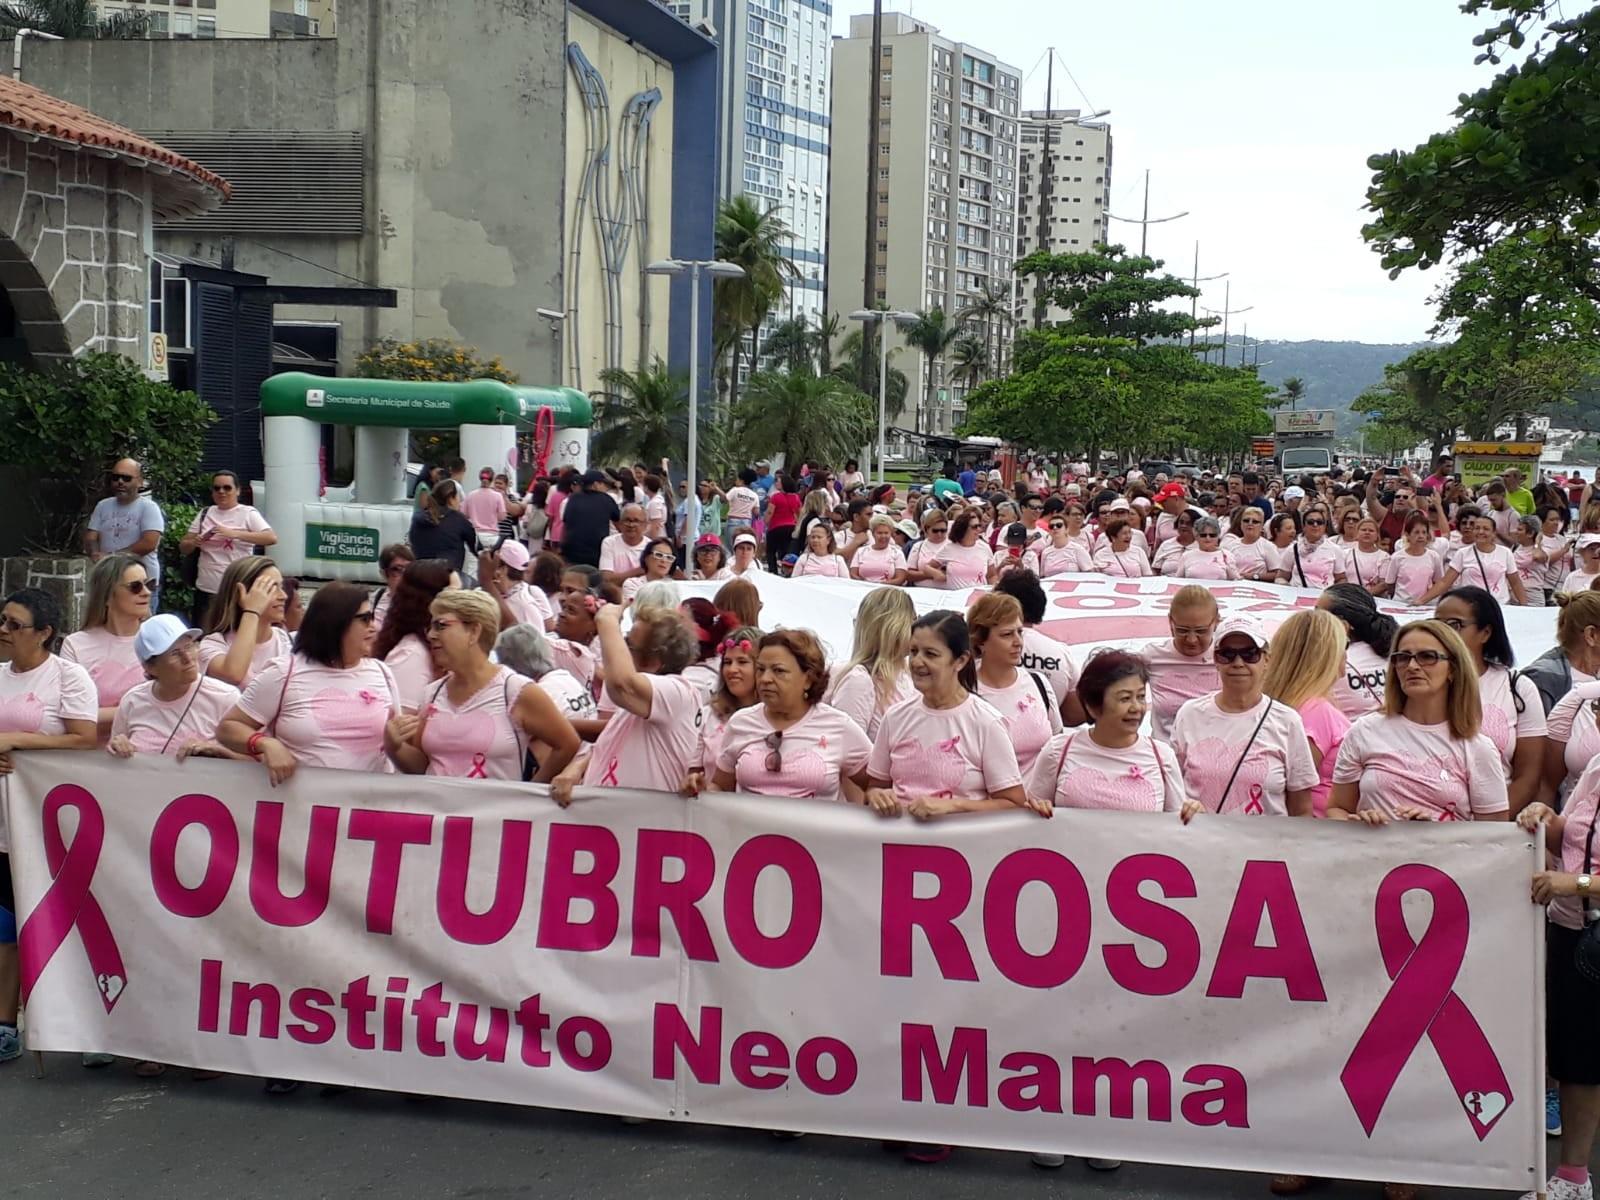 10ª Caminhada do Outubro Rosa reúne centenas de pessoas em Santos - Notícias - Plantão Diário